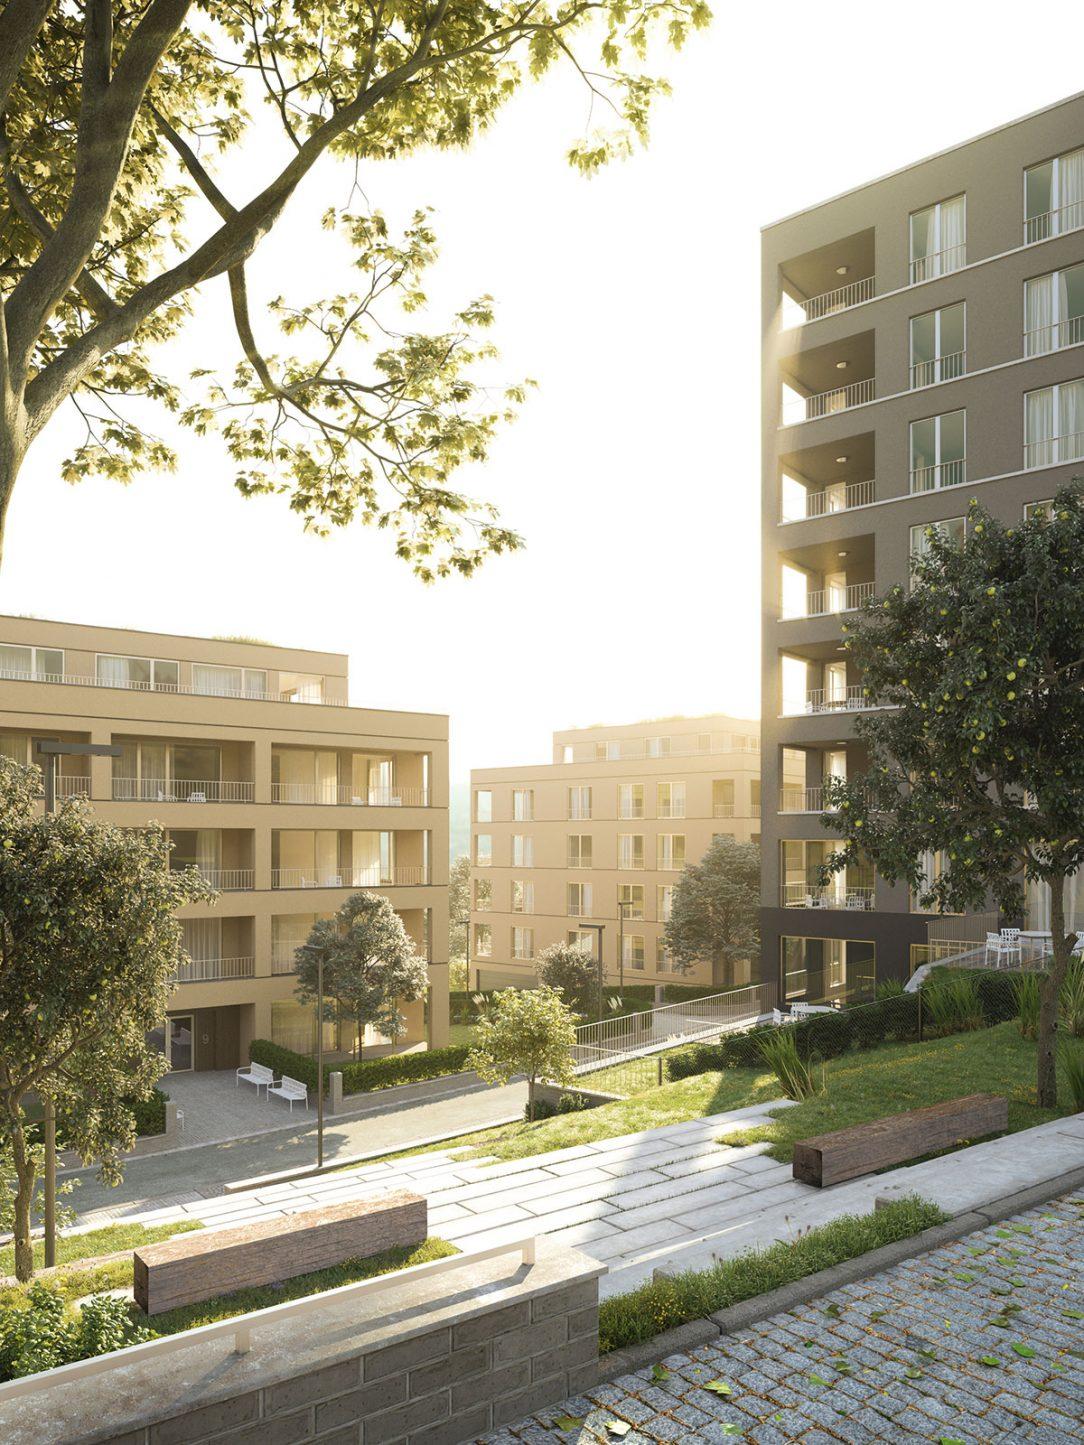 Víťazný návrh ateliéru re architekti. Medzi domami vznikajú pohodlné a príjemné susedské priestory